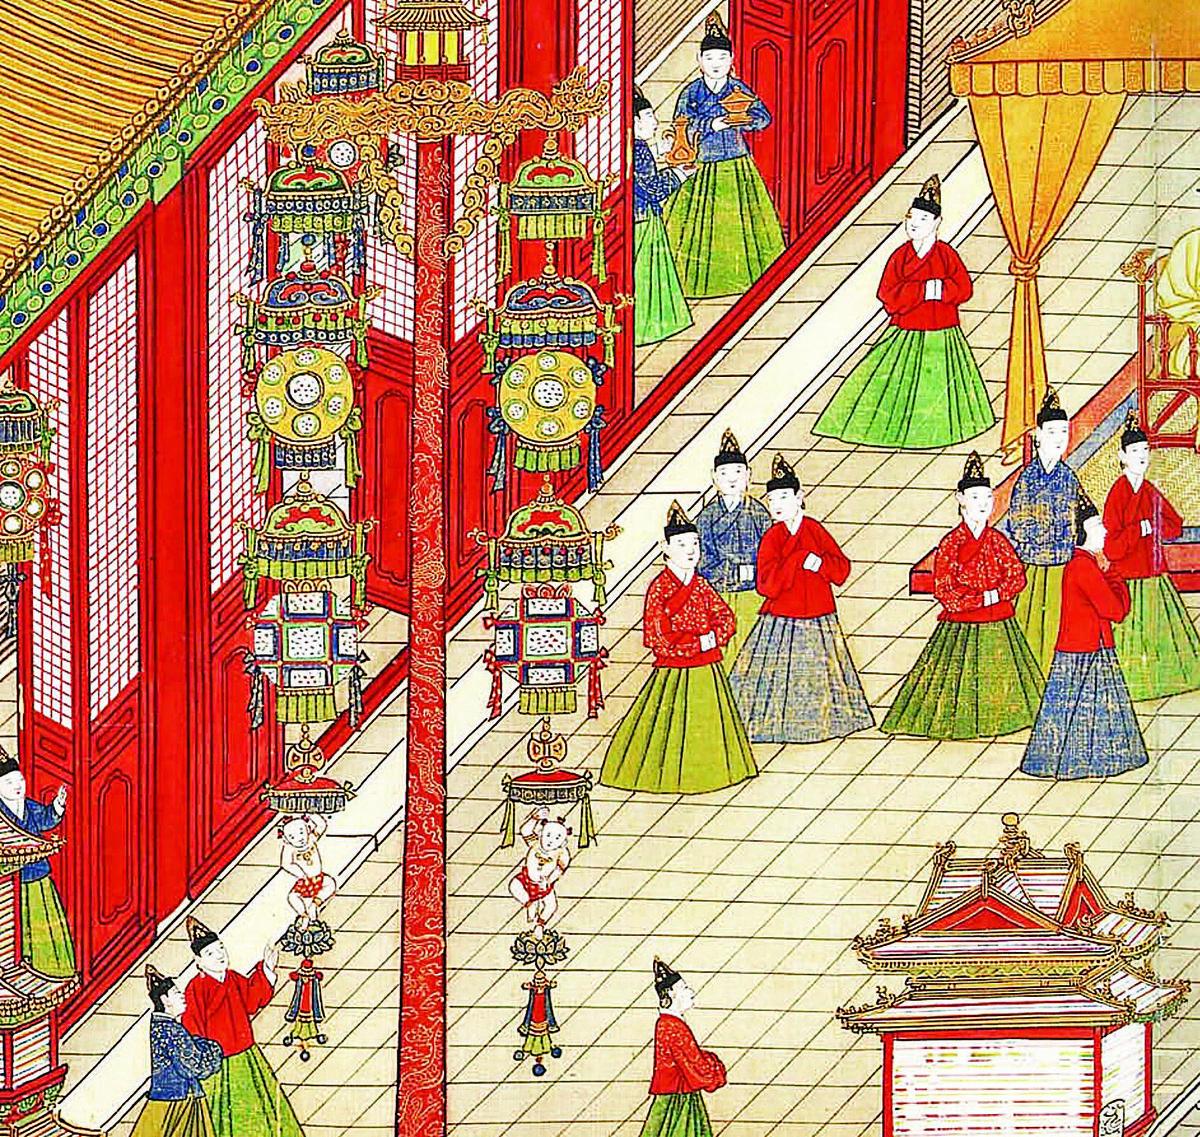 明憲宗元宵行樂圖(維基百科)